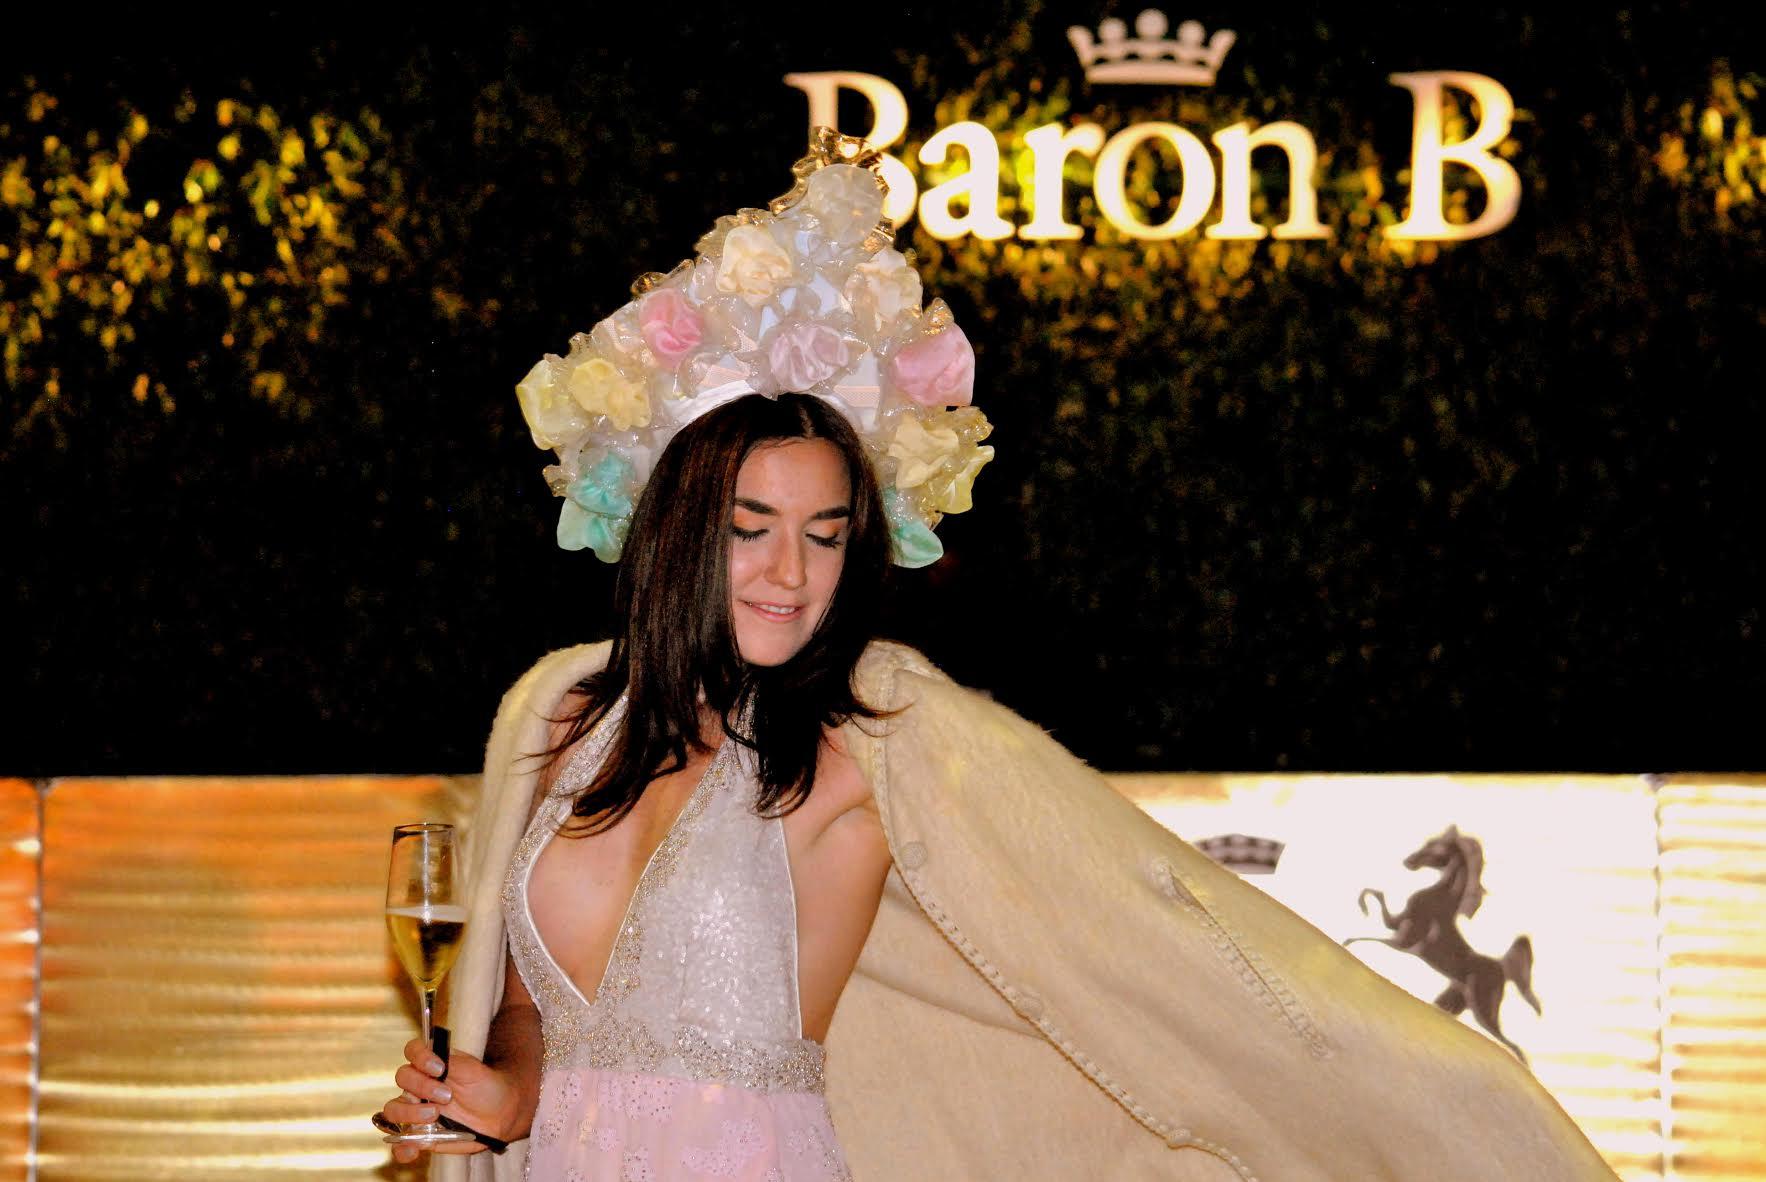 Lujosa Gala Prix Baron B en el Hipódromo Argentino de Palermo